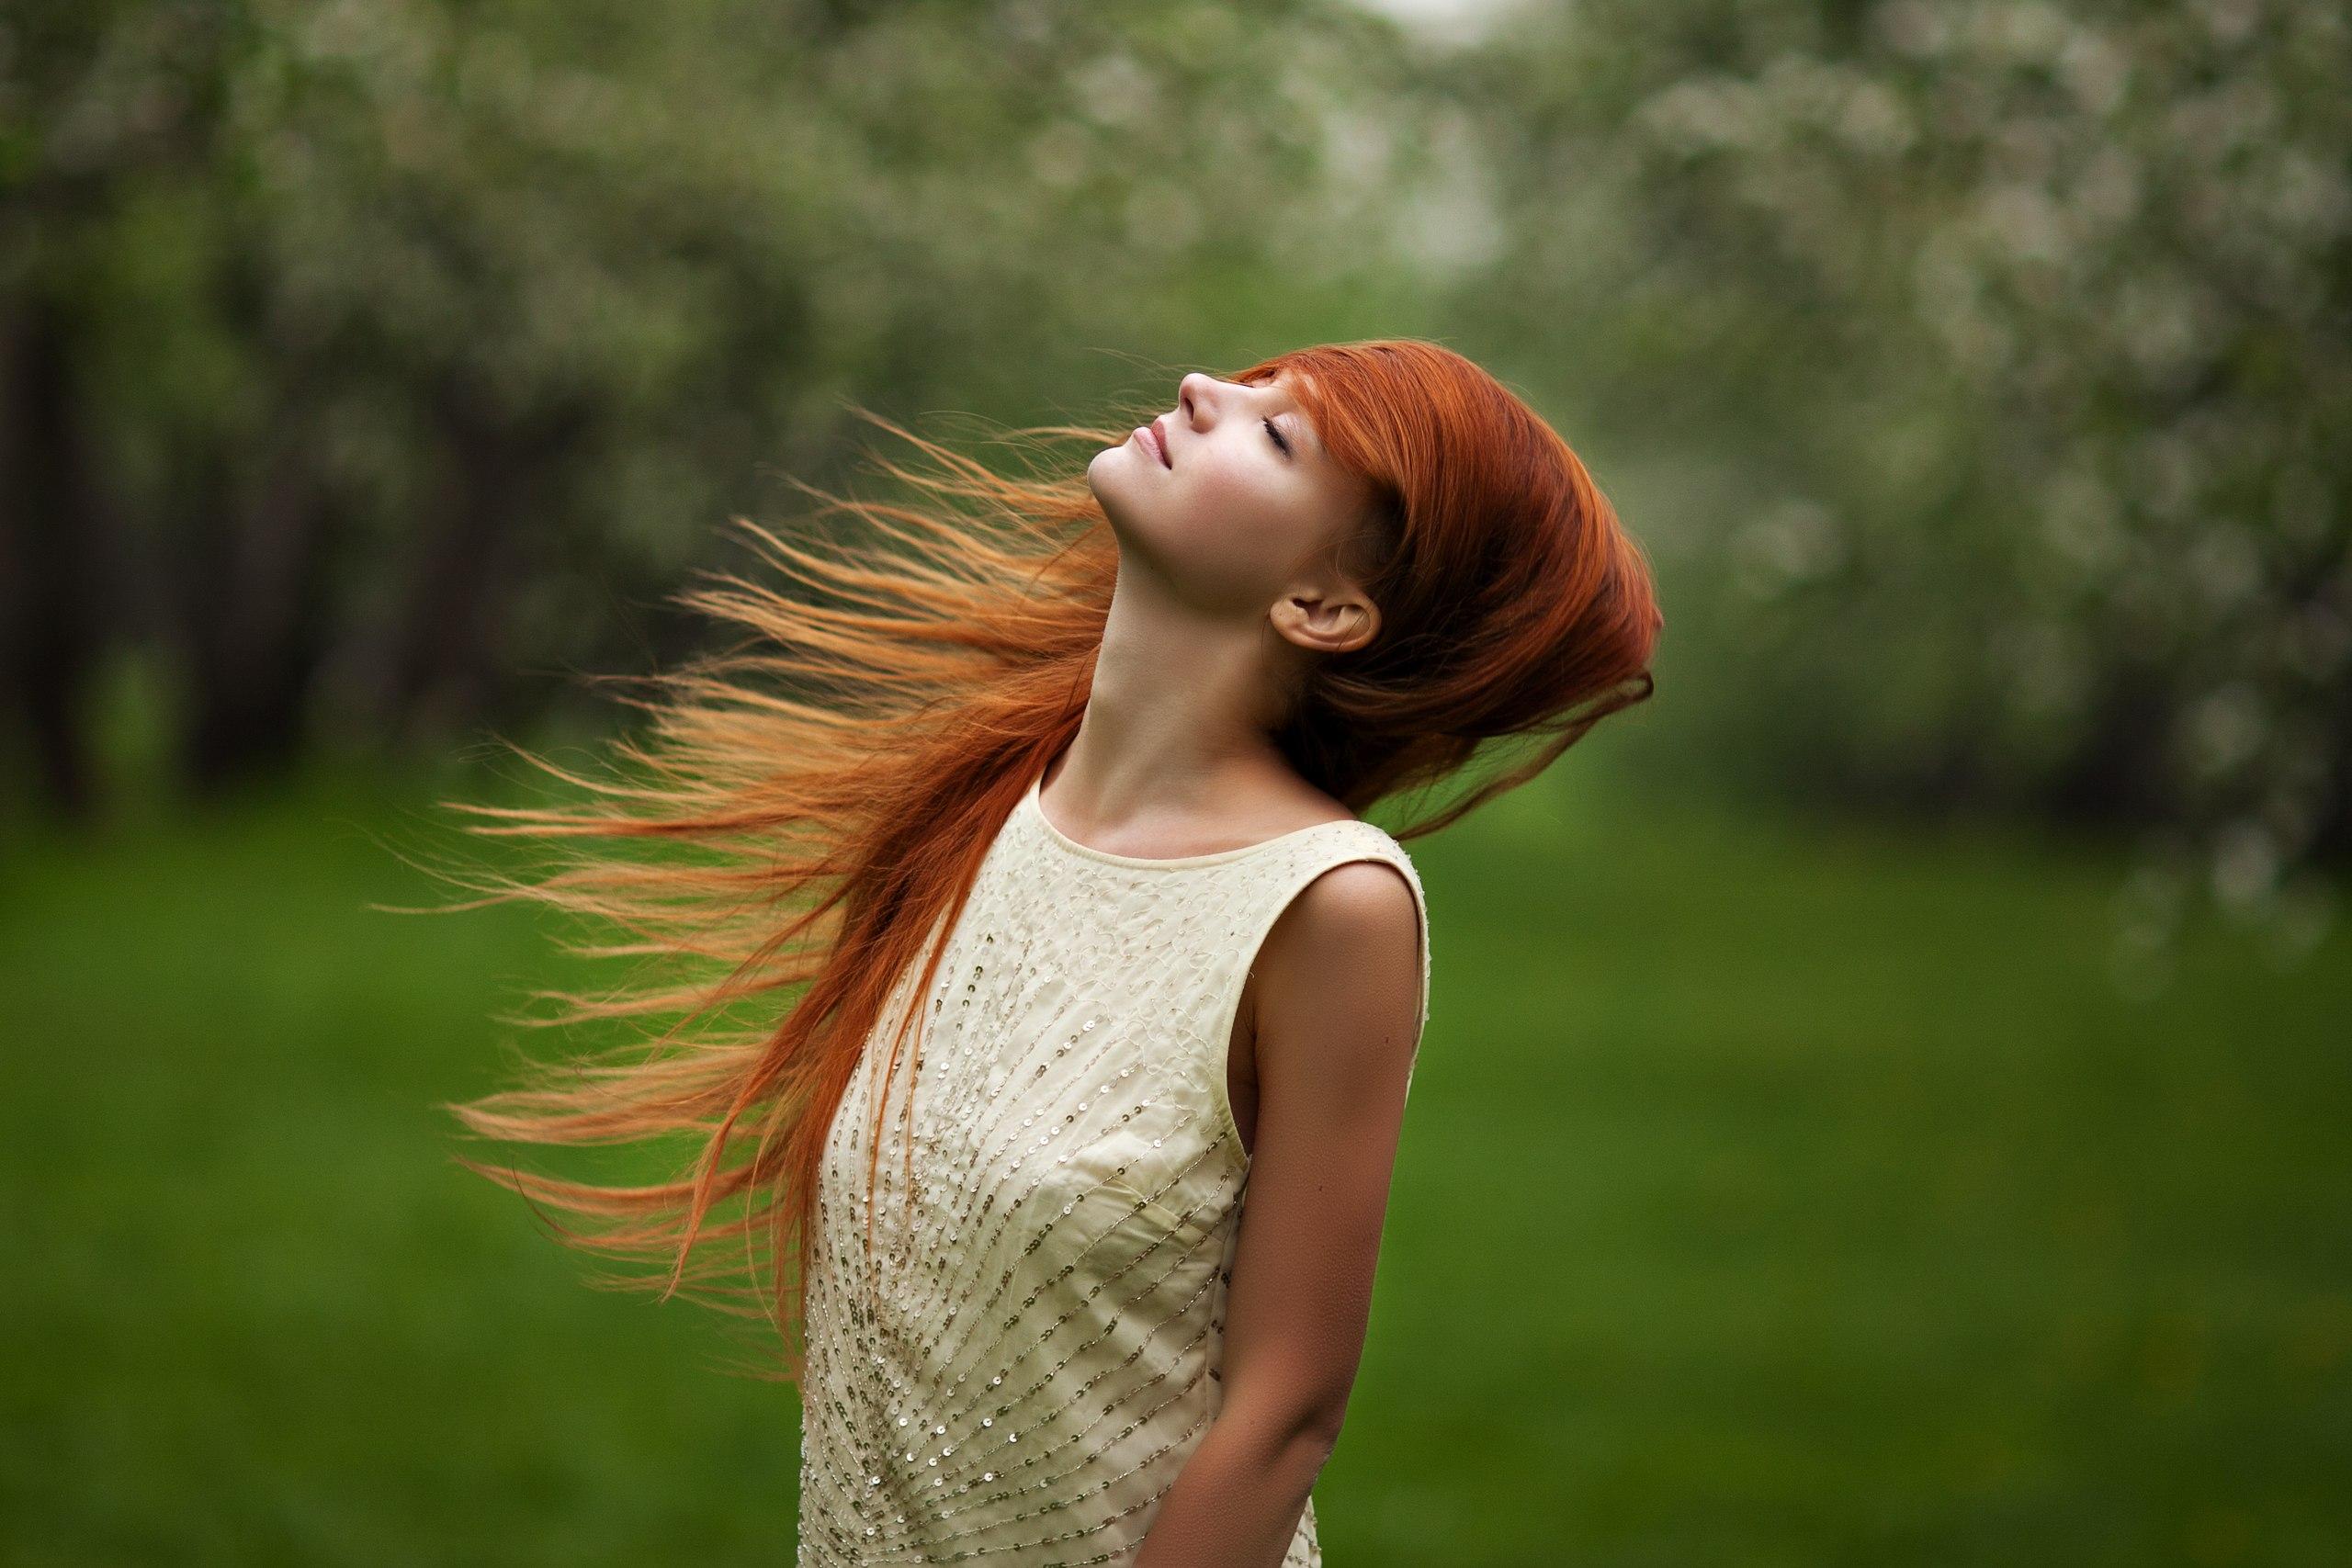 Фотографии девушек с рыжими волосами со спины, Рыжие девушки со спины (36 фото) 10 фотография